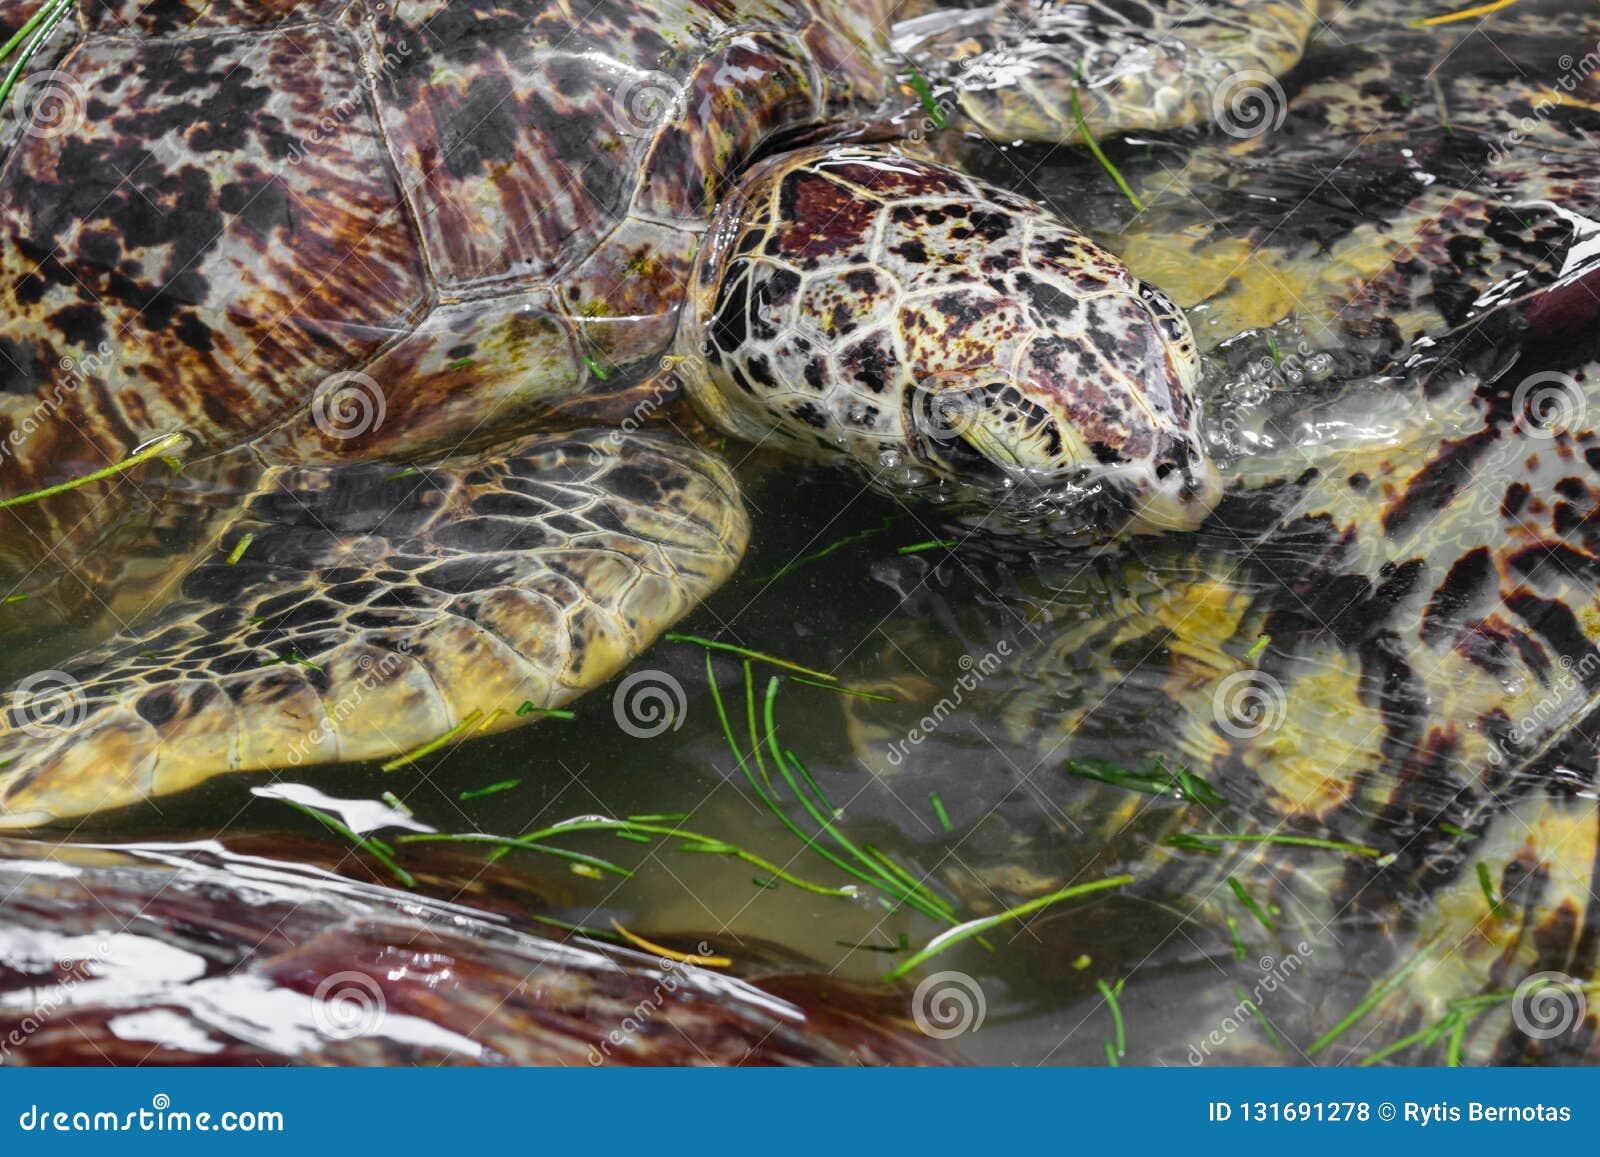 Beaucoup de tortues de mer nageant dans l étang d eau et mangeant l herbe de mer dans Bali, Indonésie